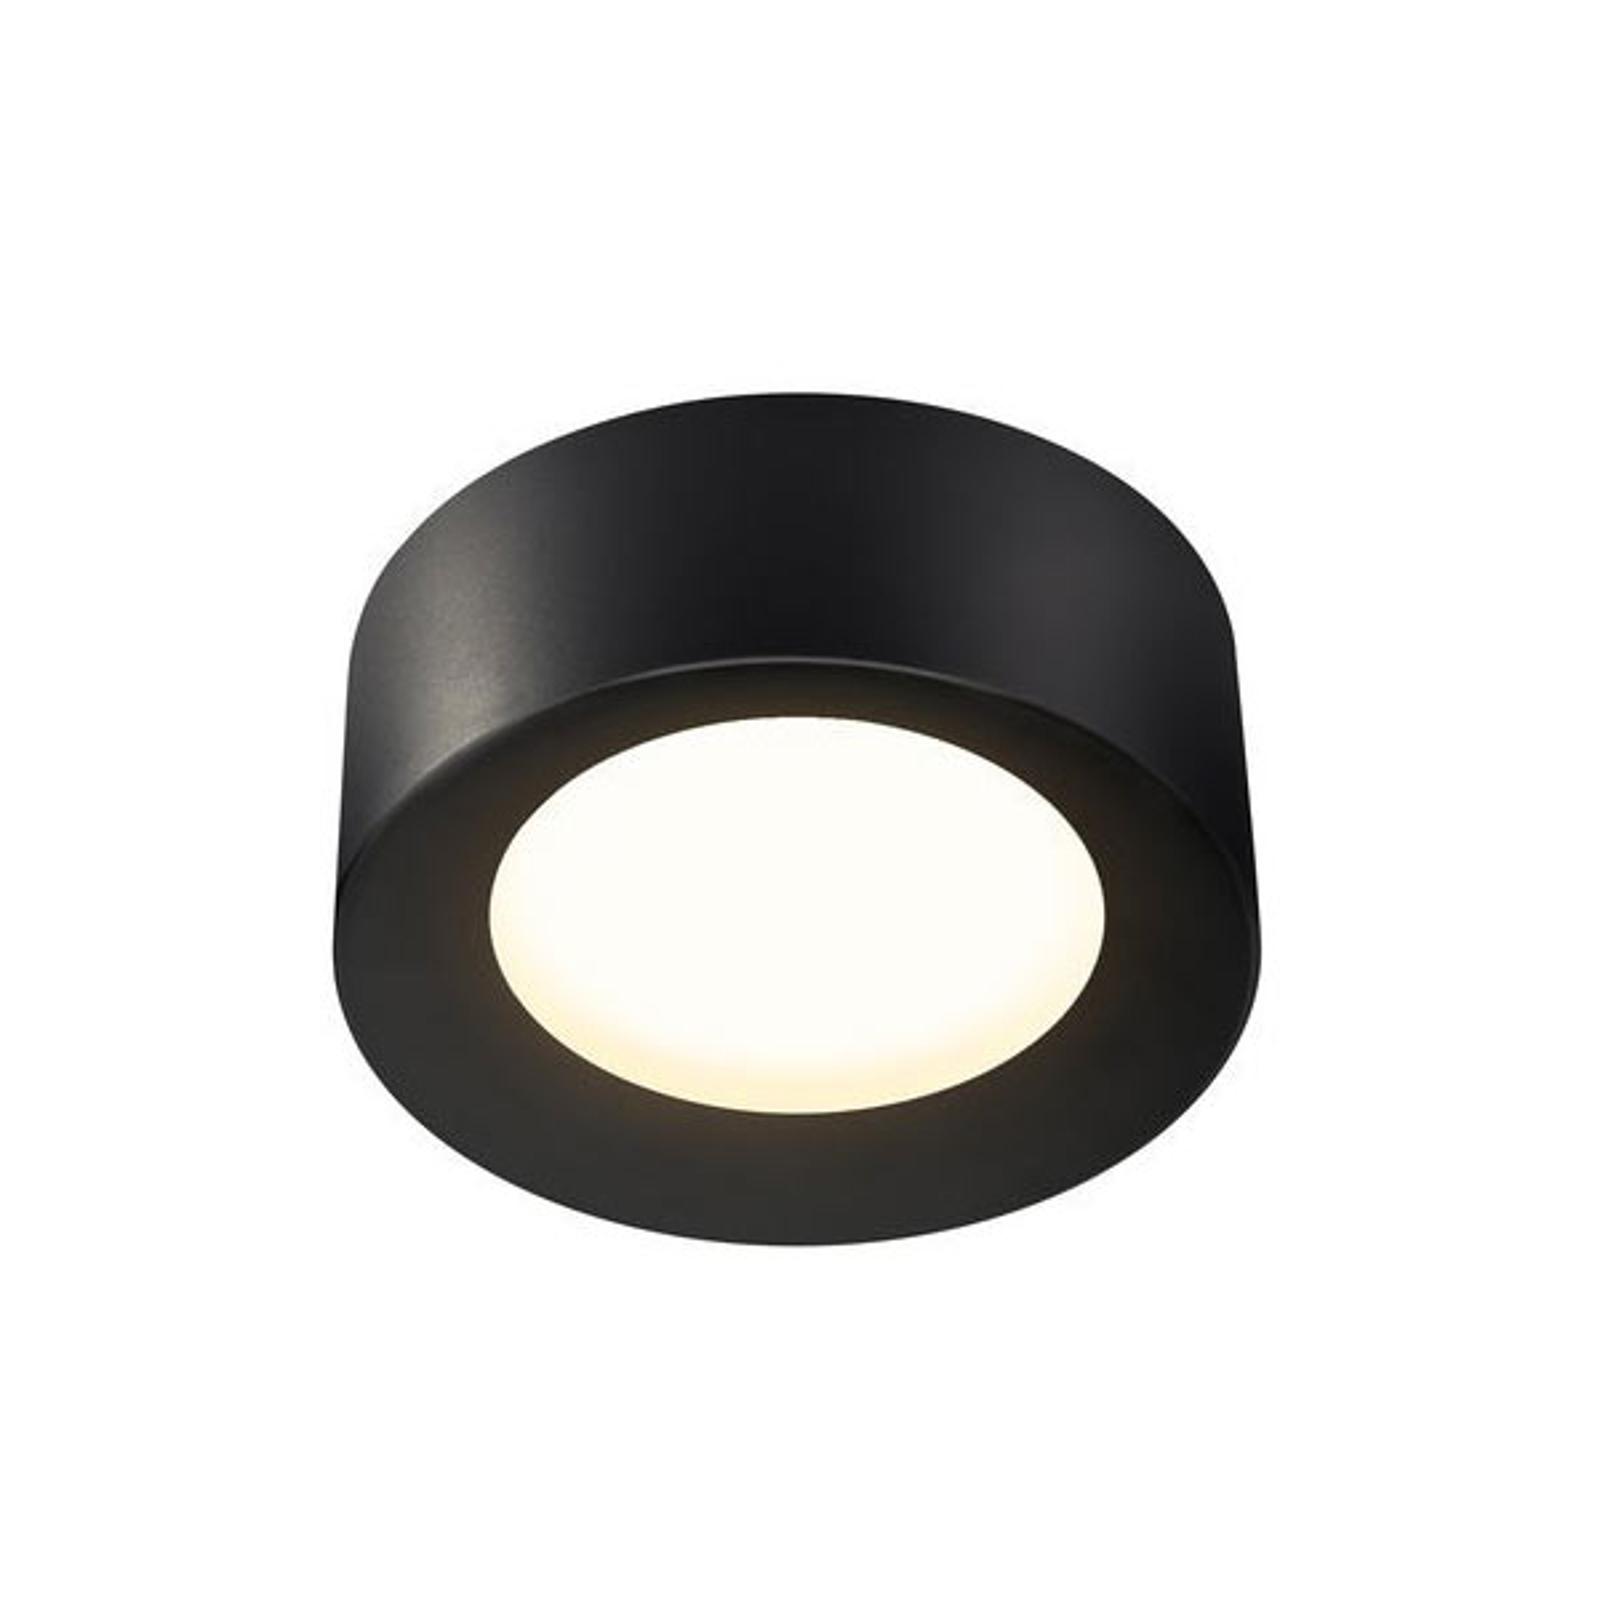 SLV Fera LED-Deckenleuchte, Ø 20 cm, schwarz matt